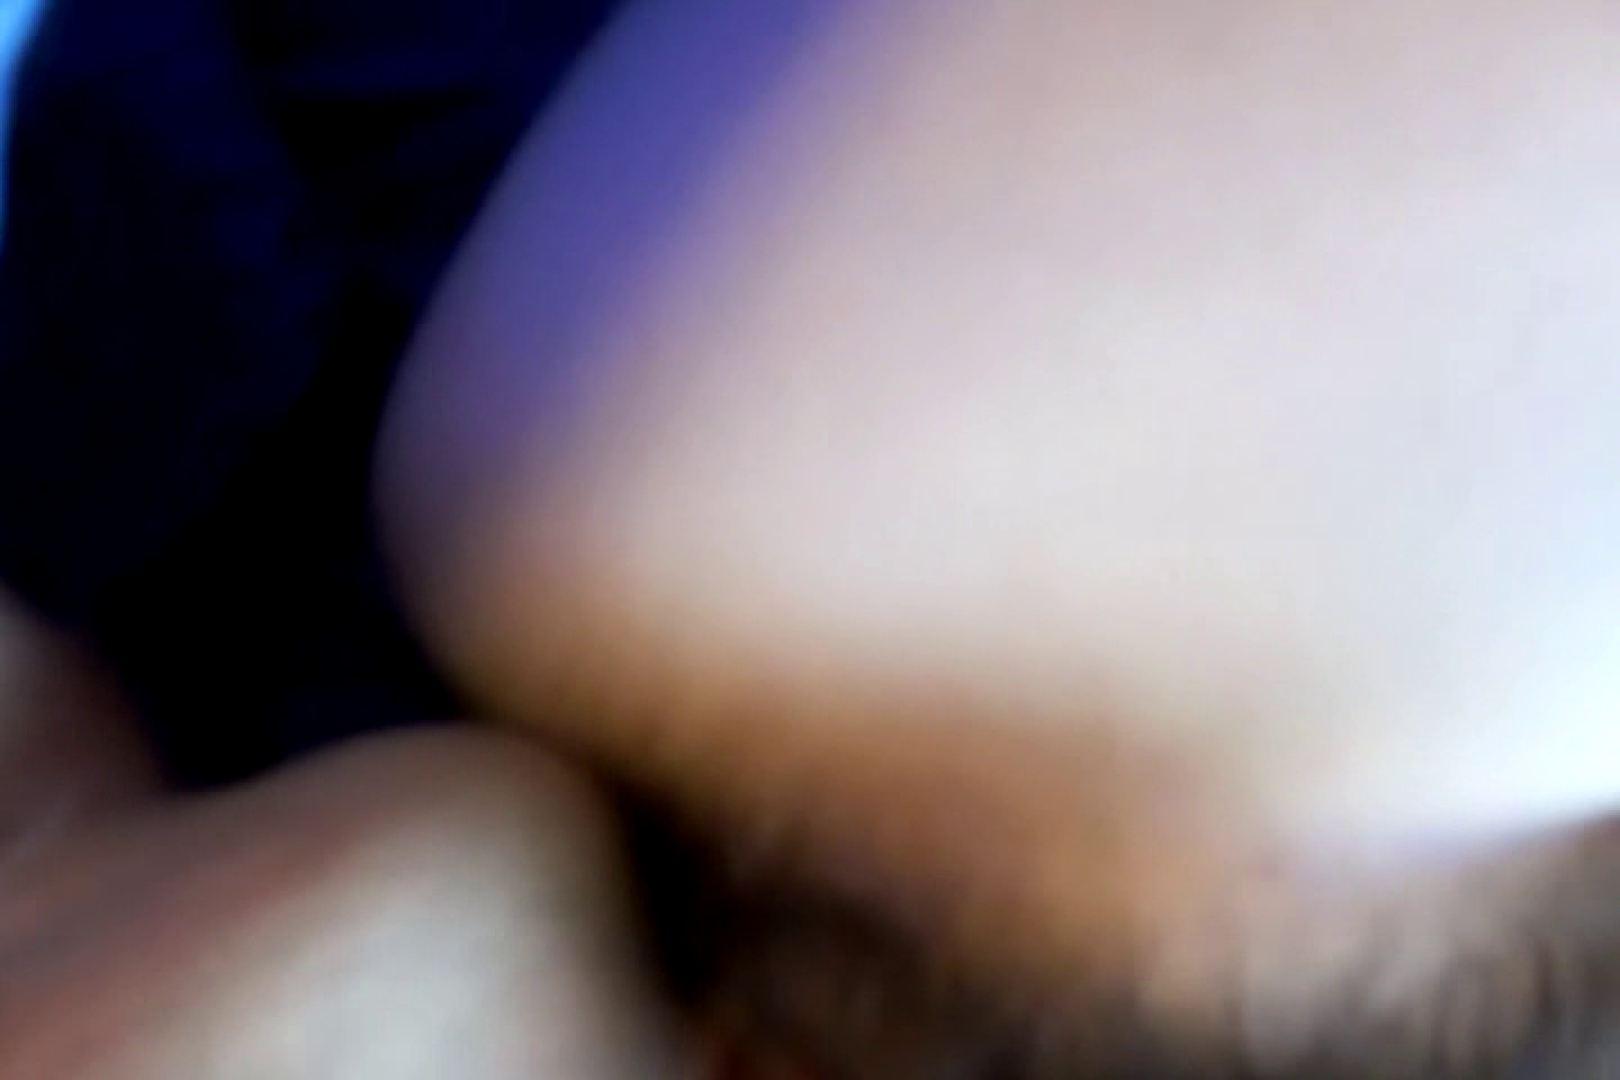 ウイルス流出 レオ&マンコのアルバム プライベート | マンコ  74画像 23